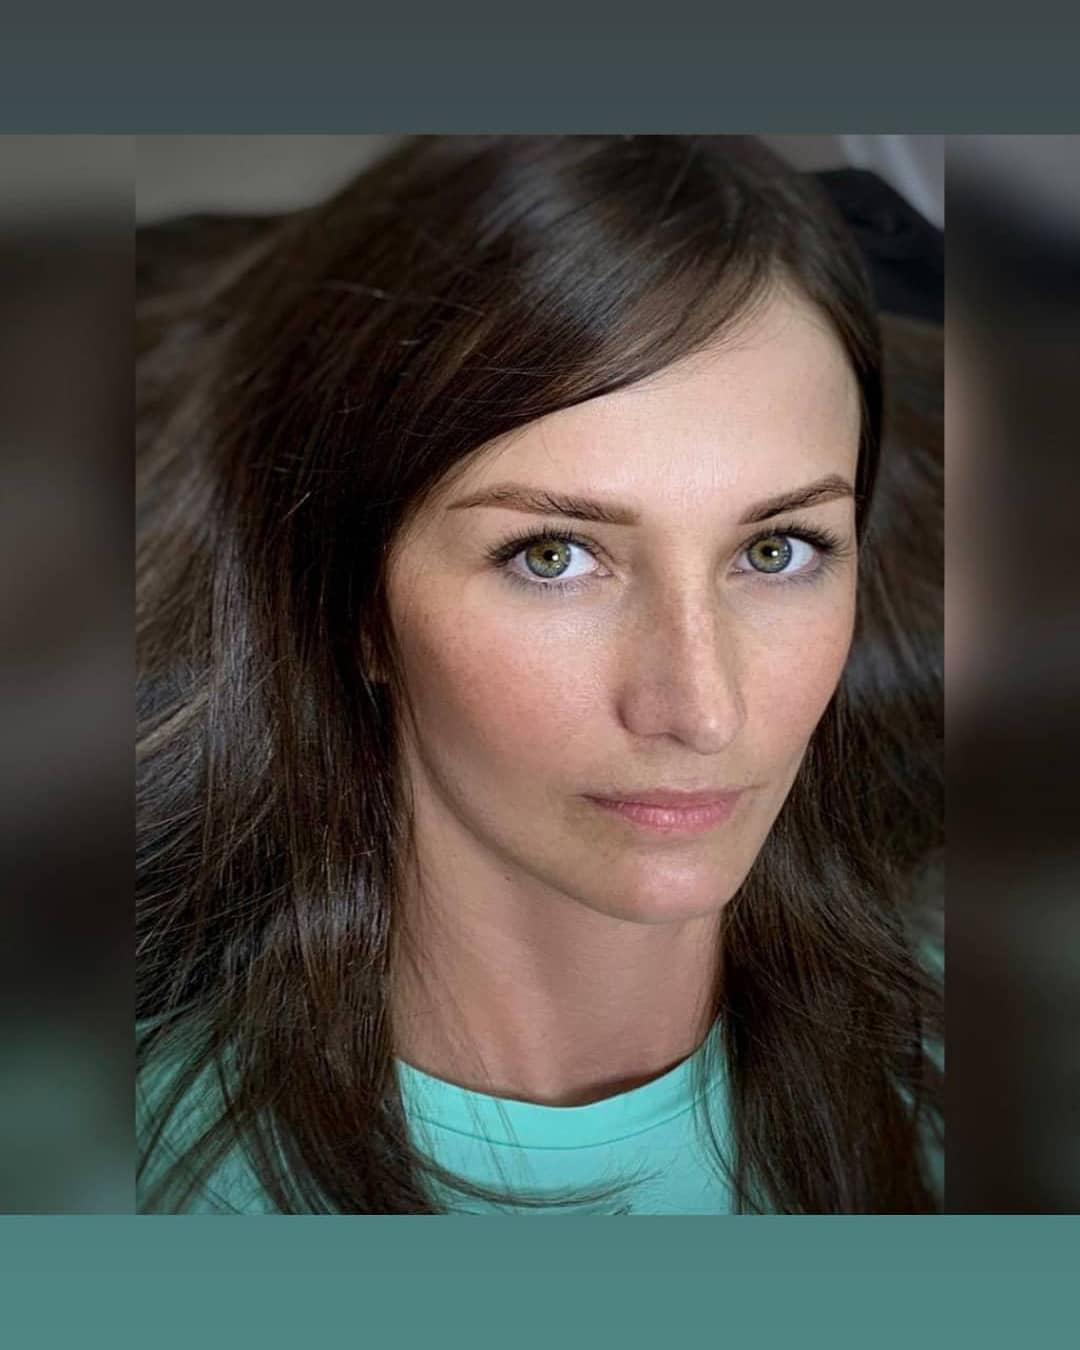 Отзыв о работе мастера перманентного макияжа в Хабаровске